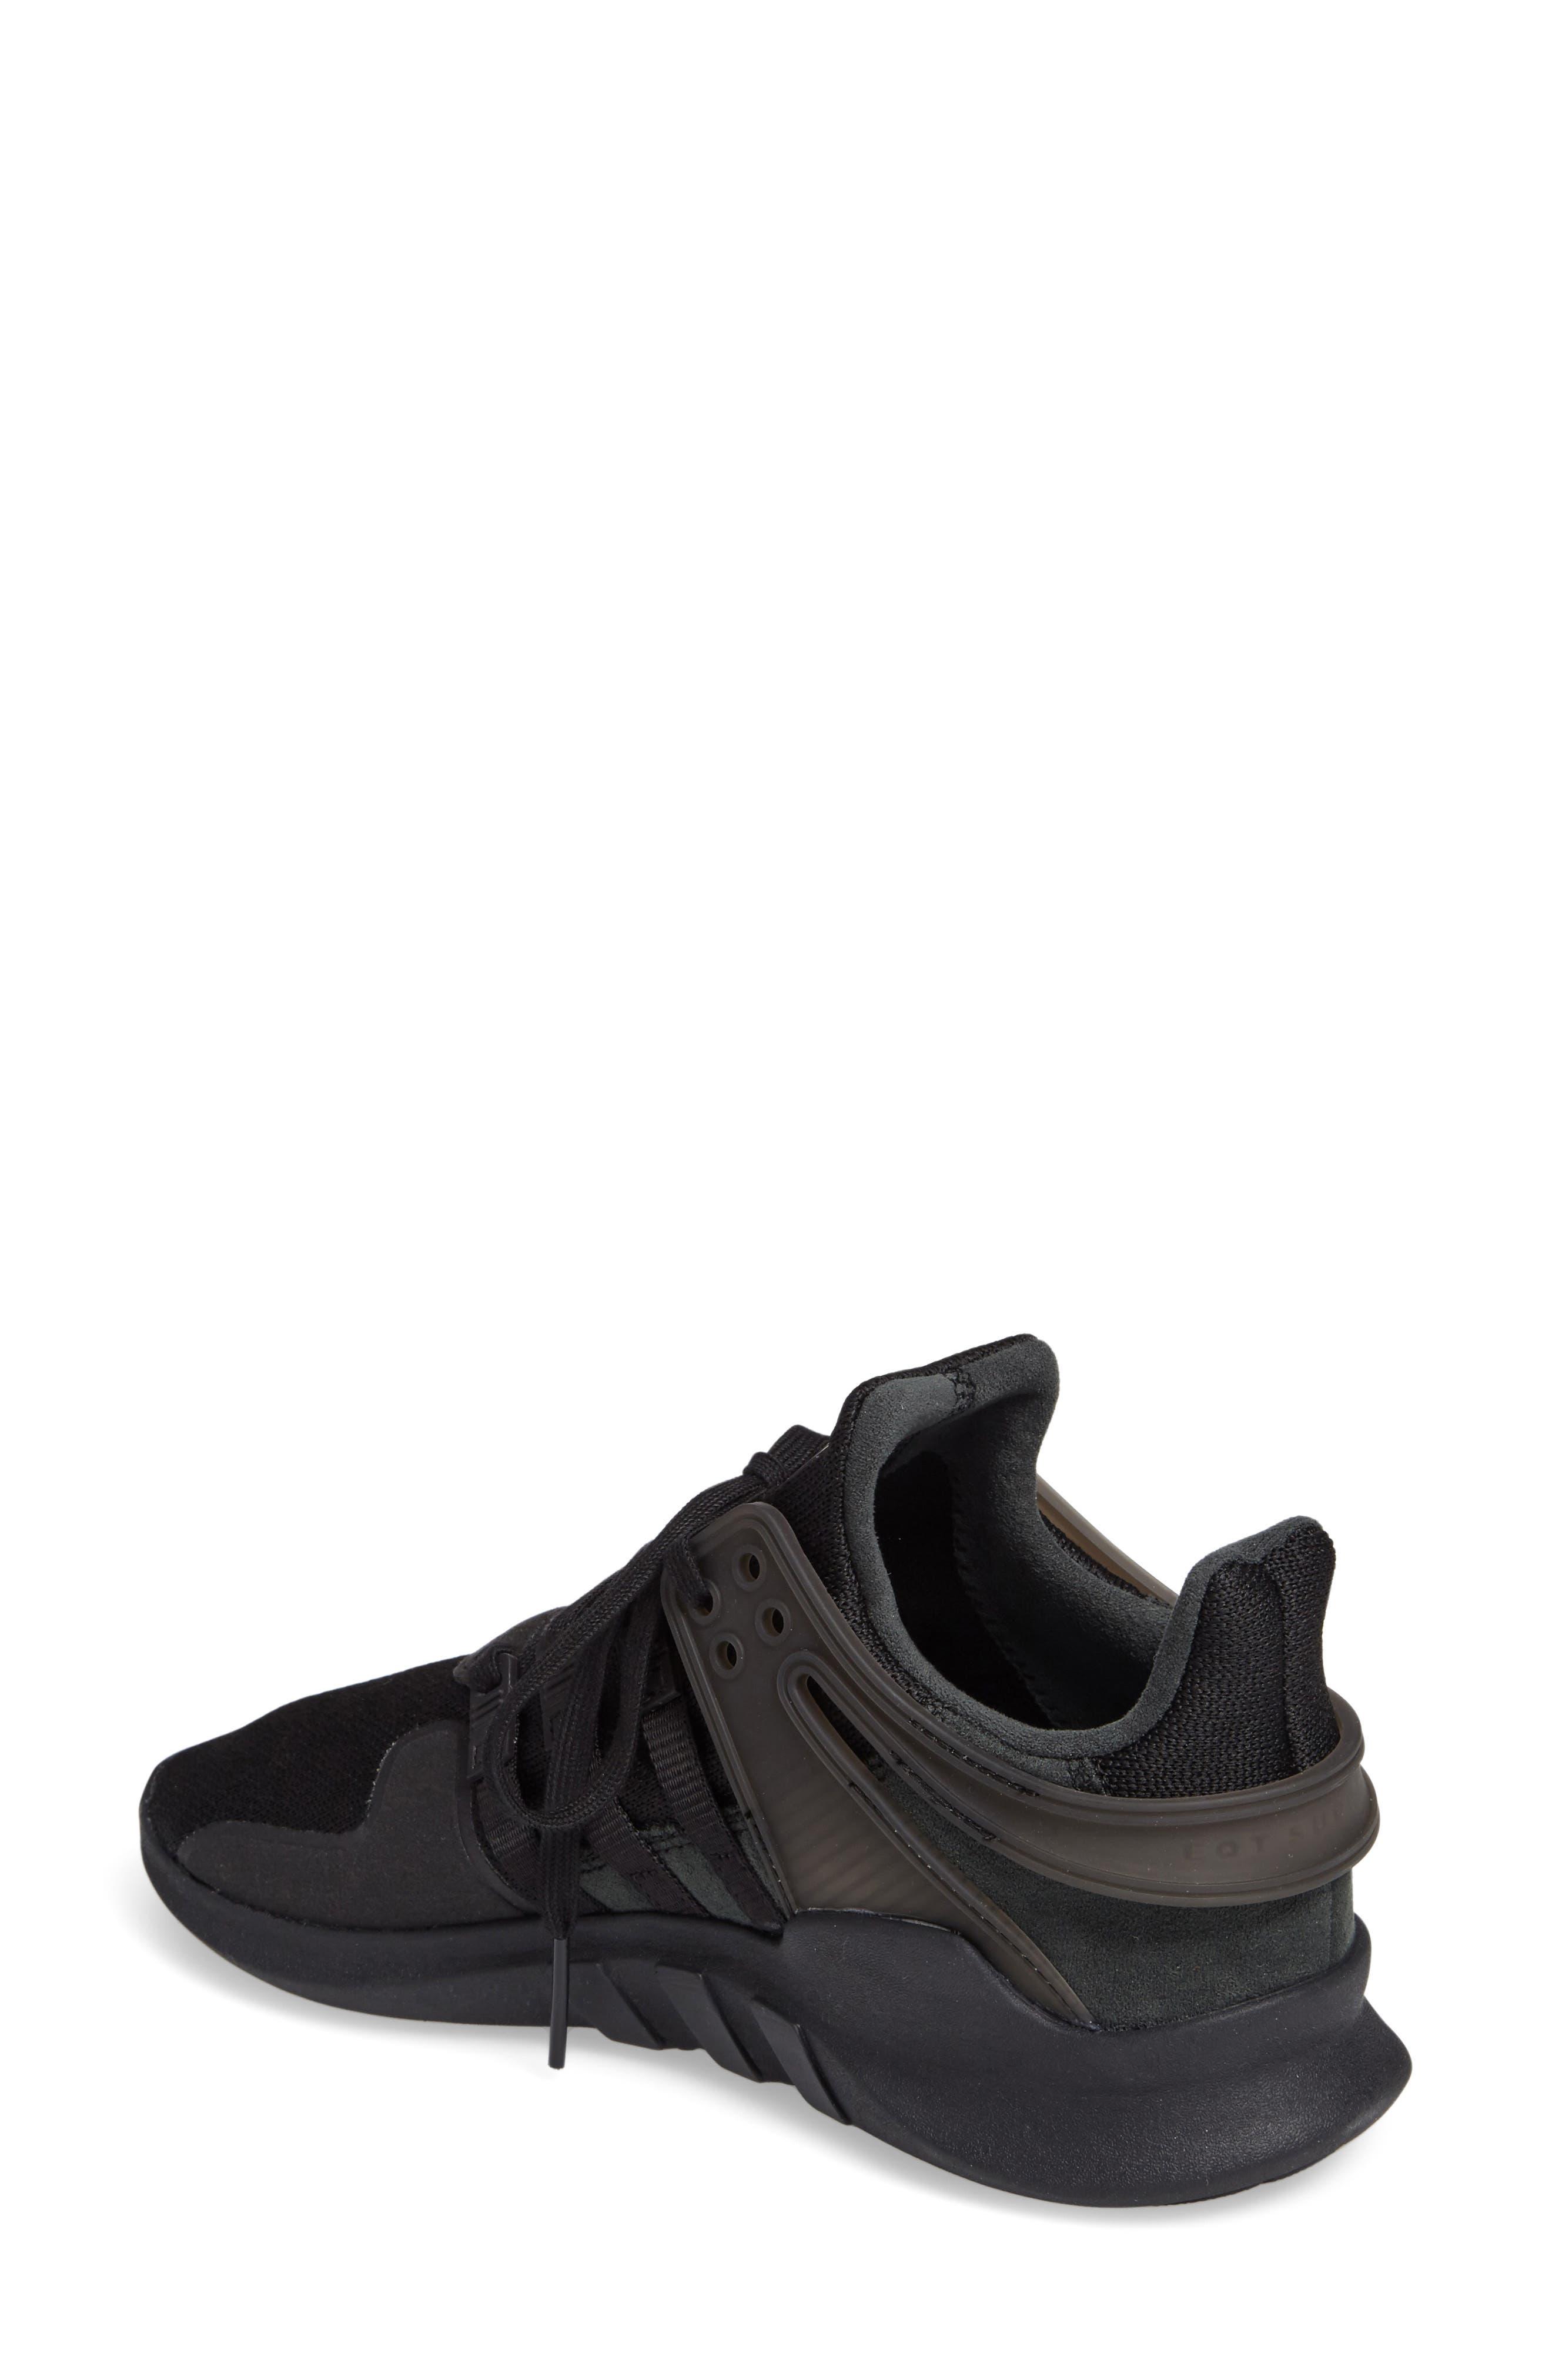 Equipment Support ADV Sneaker,                             Alternate thumbnail 2, color,                             001